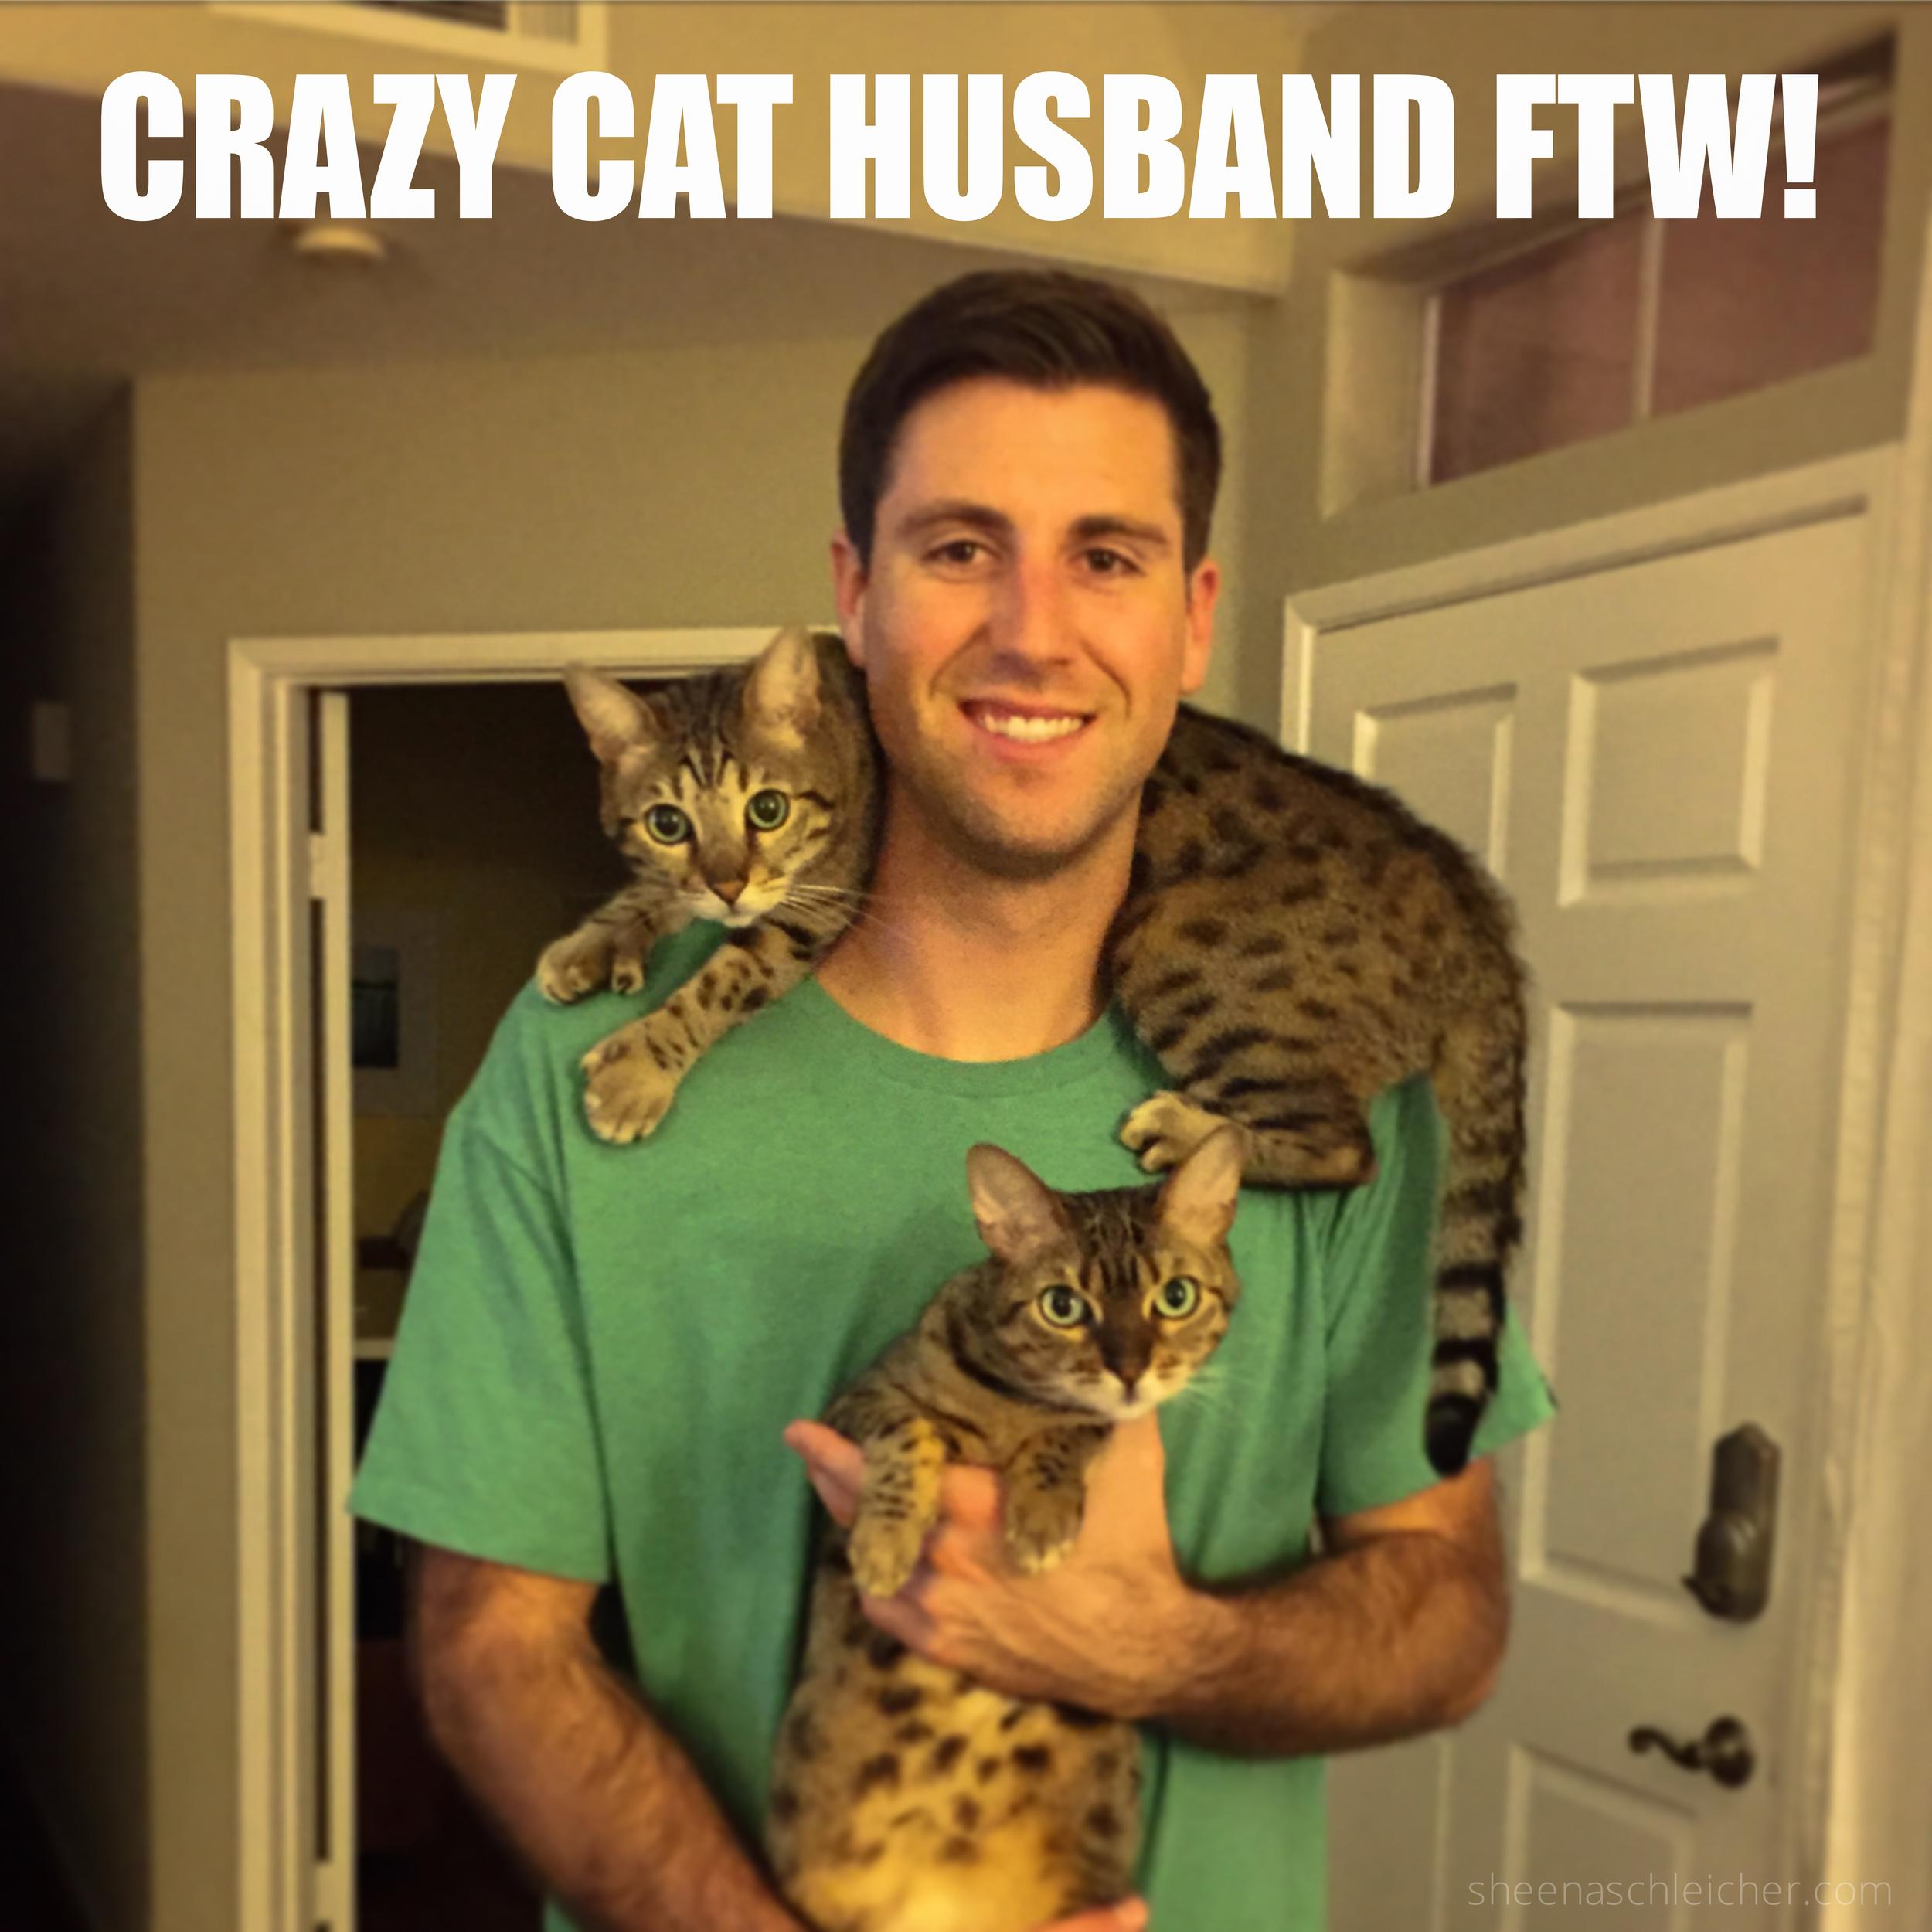 Crazy cat husband #cat #meme